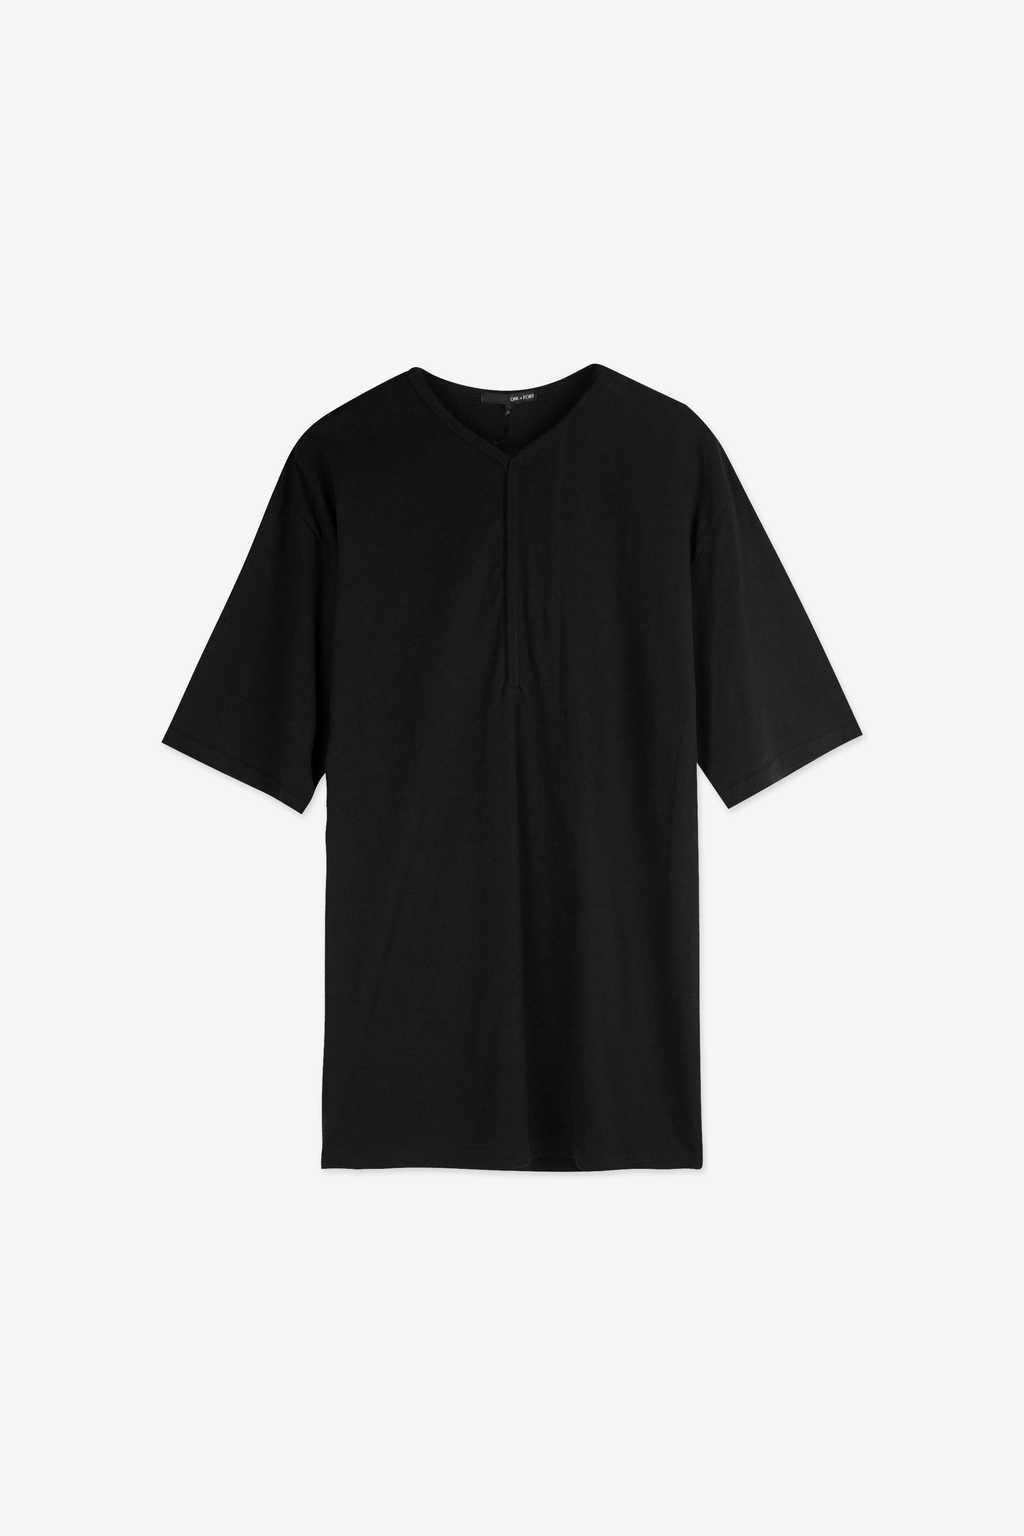 TShirt H030 Black 6